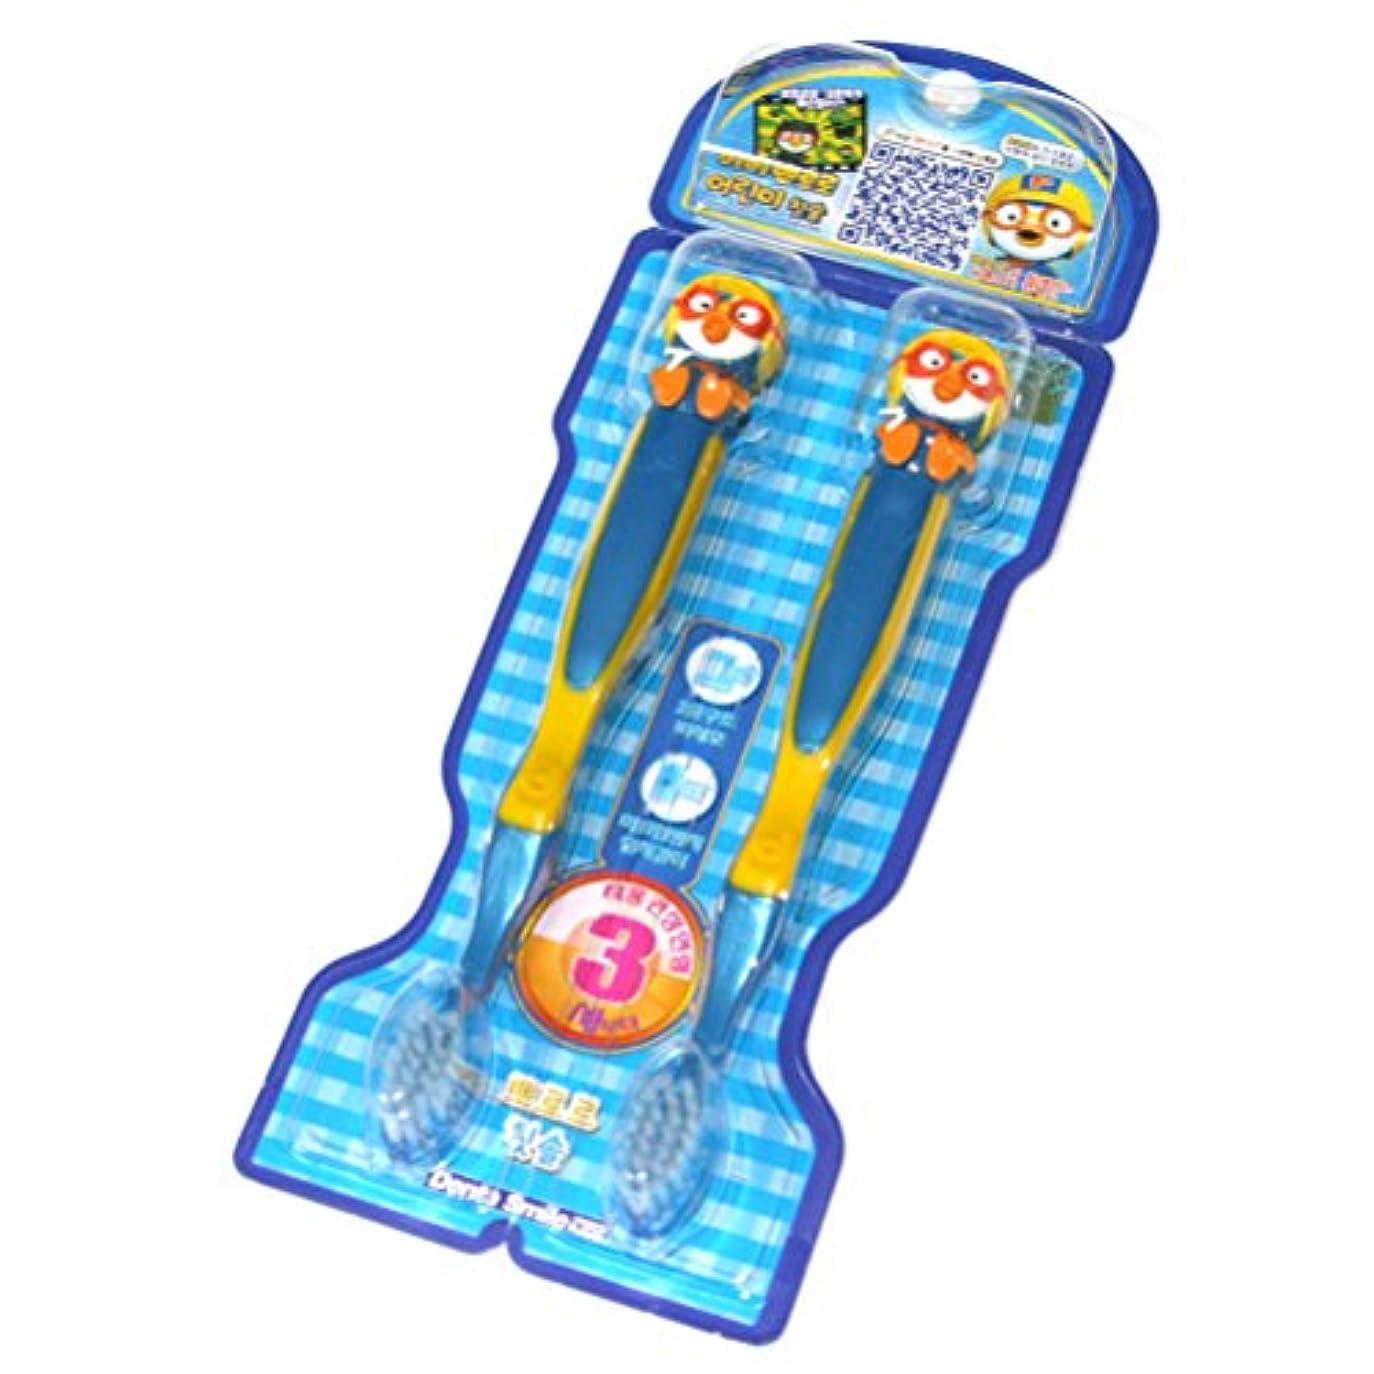 袋寛容な選挙PORORO Toothbrush For Kids 2ea set (PORORO) ポロロ 子供用 歯ブラシ2ea set (ポロロ ) [並行輸入品]